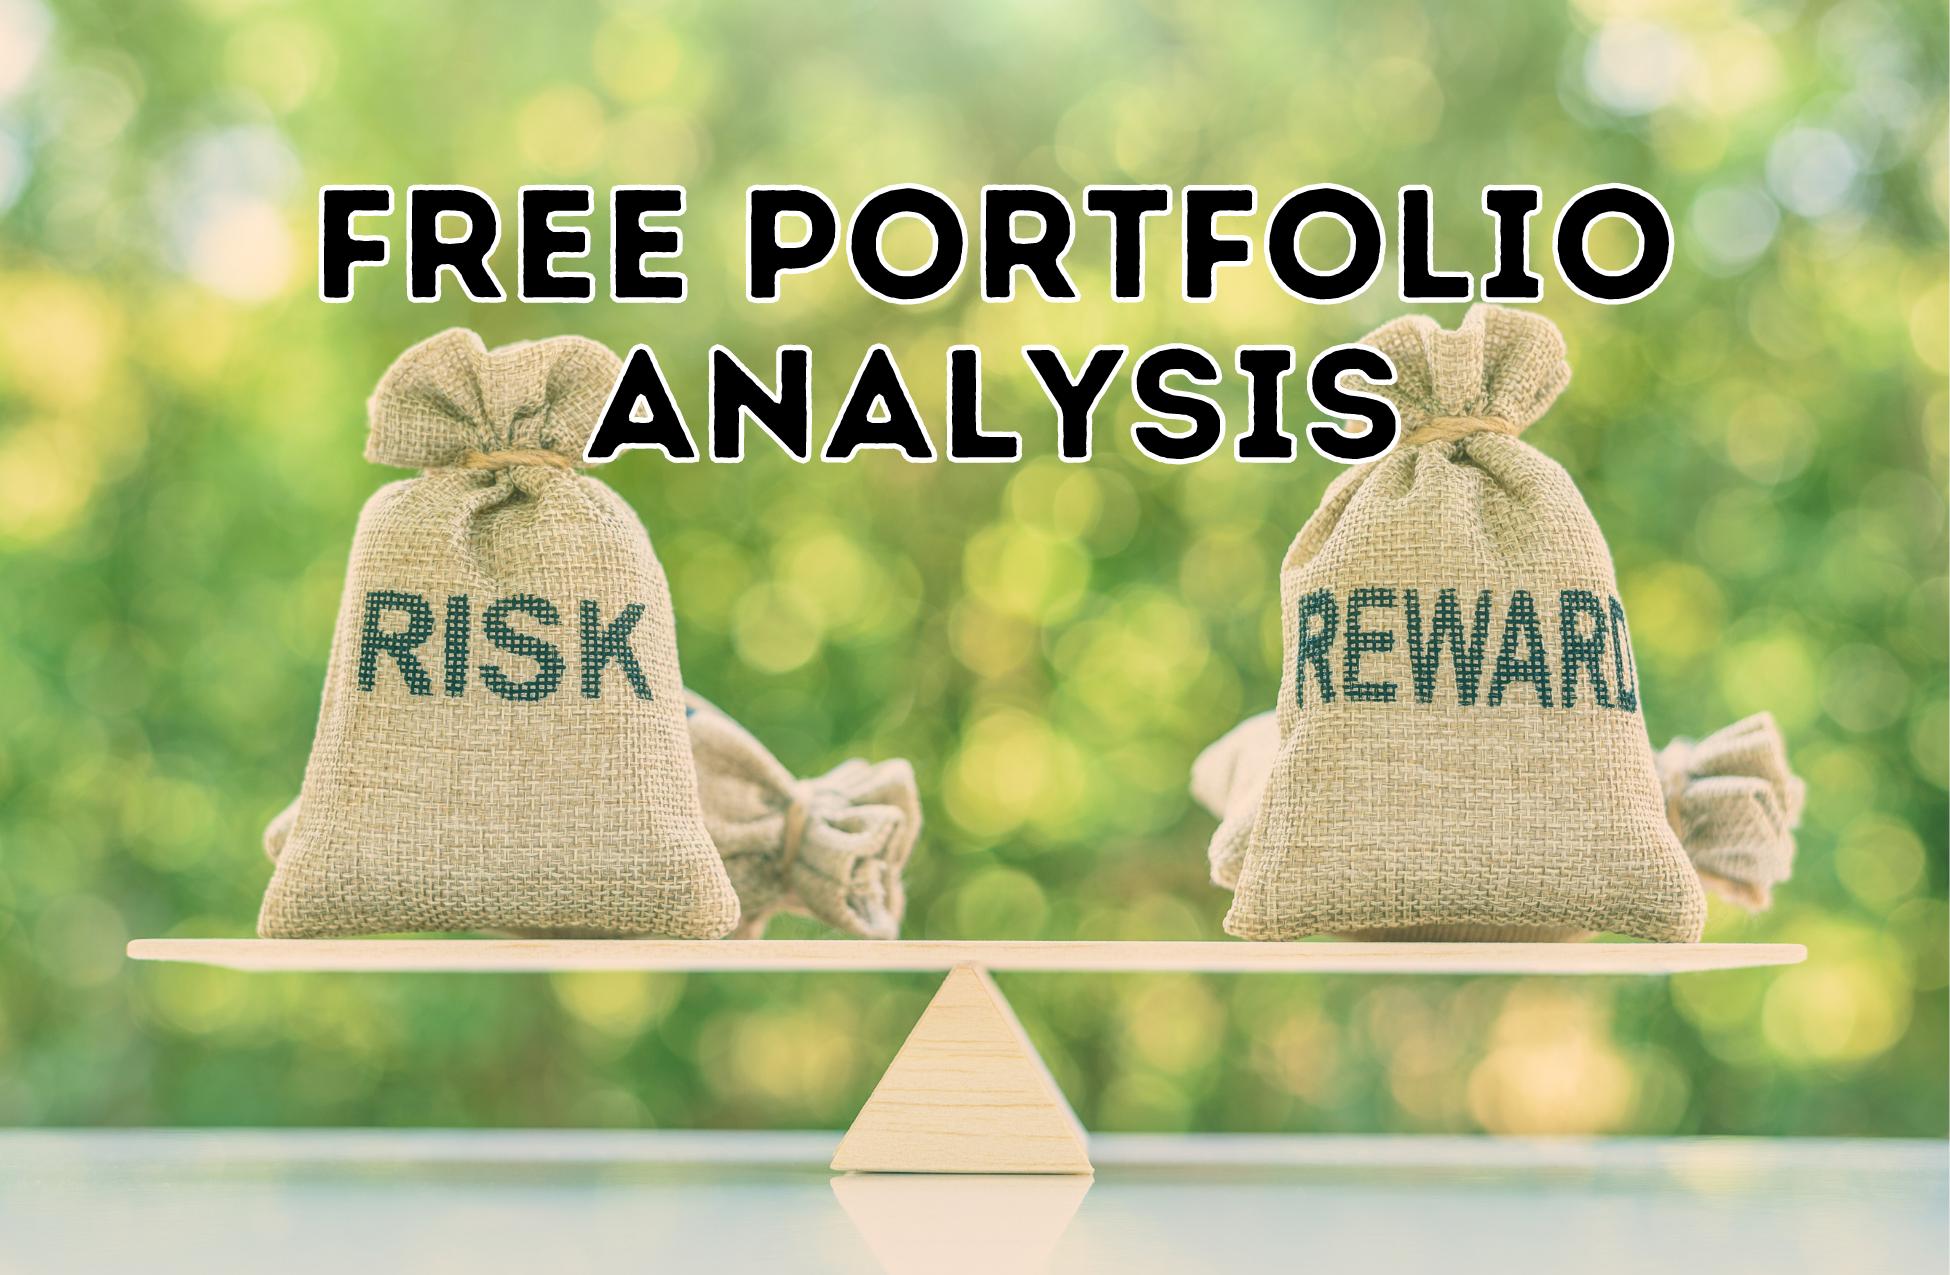 Free Portfolio Analysis